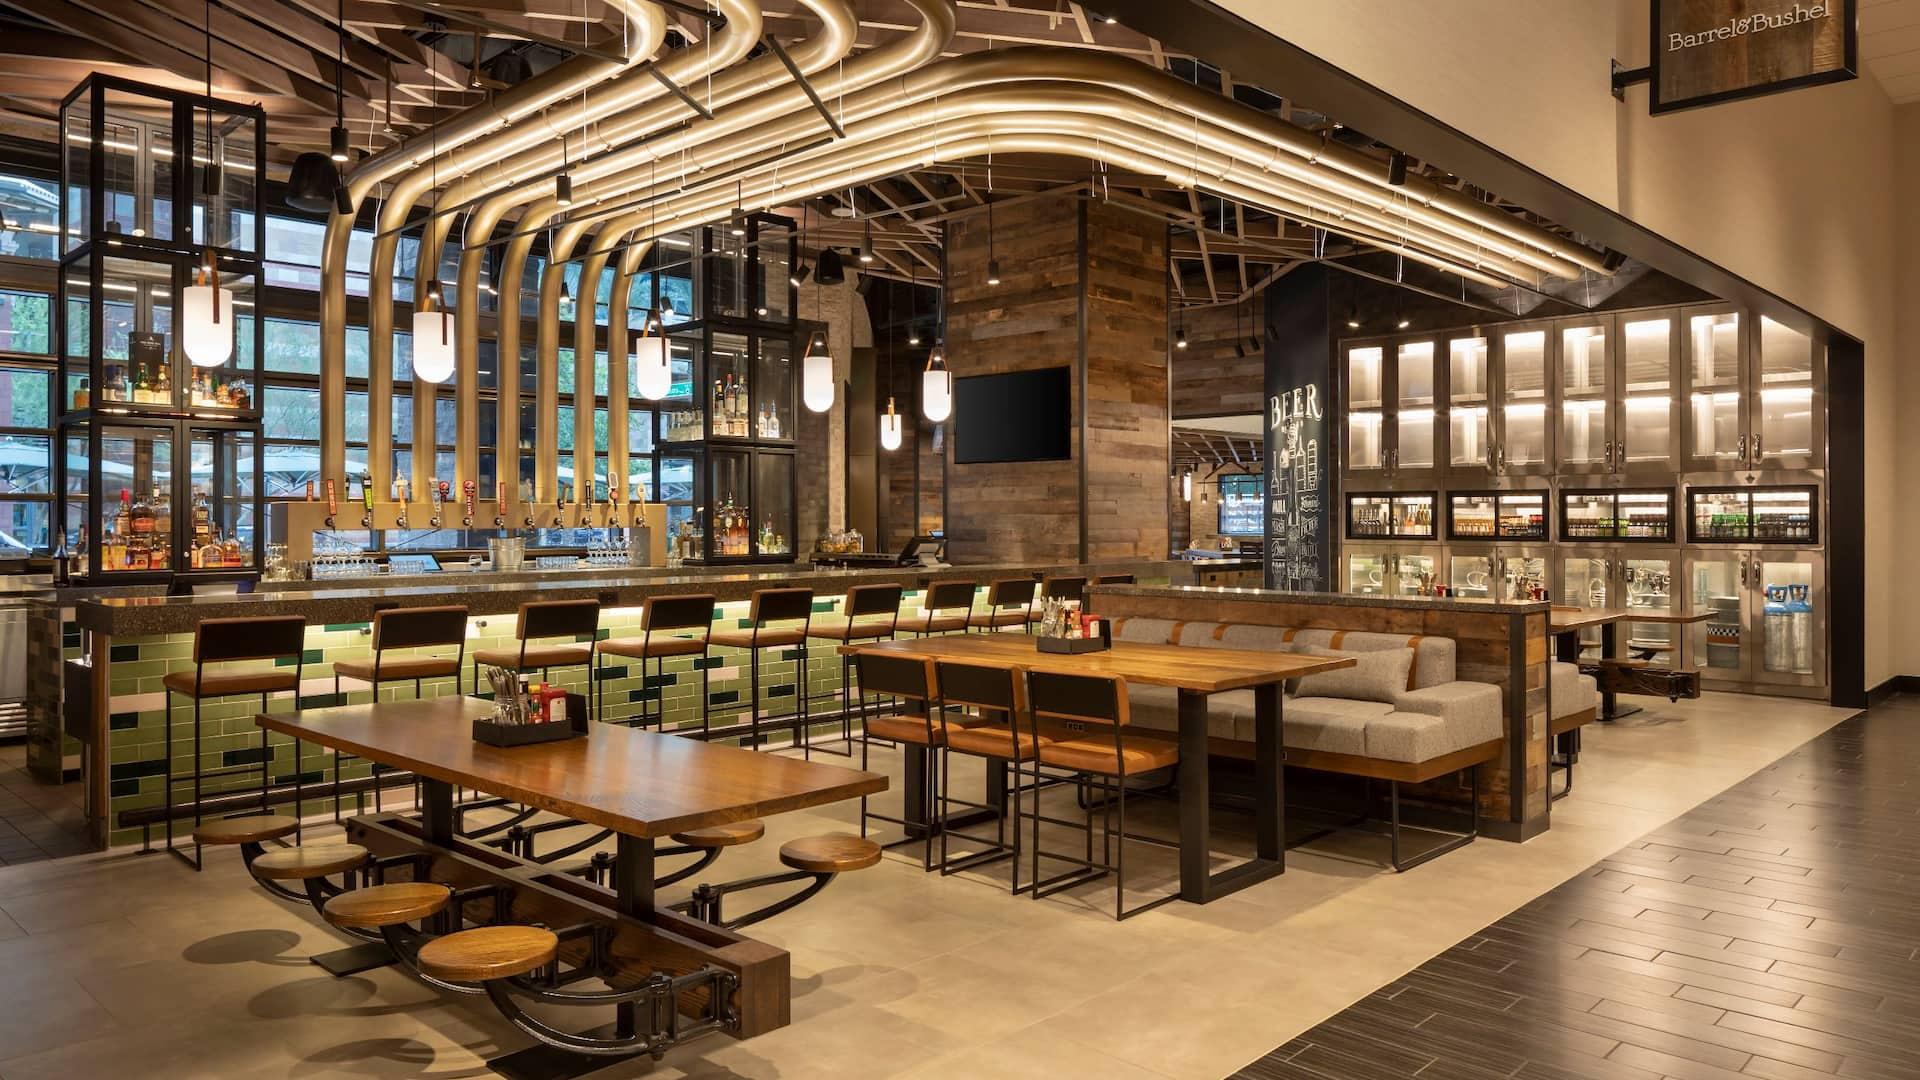 Barrel and Bushel bar and restaurant